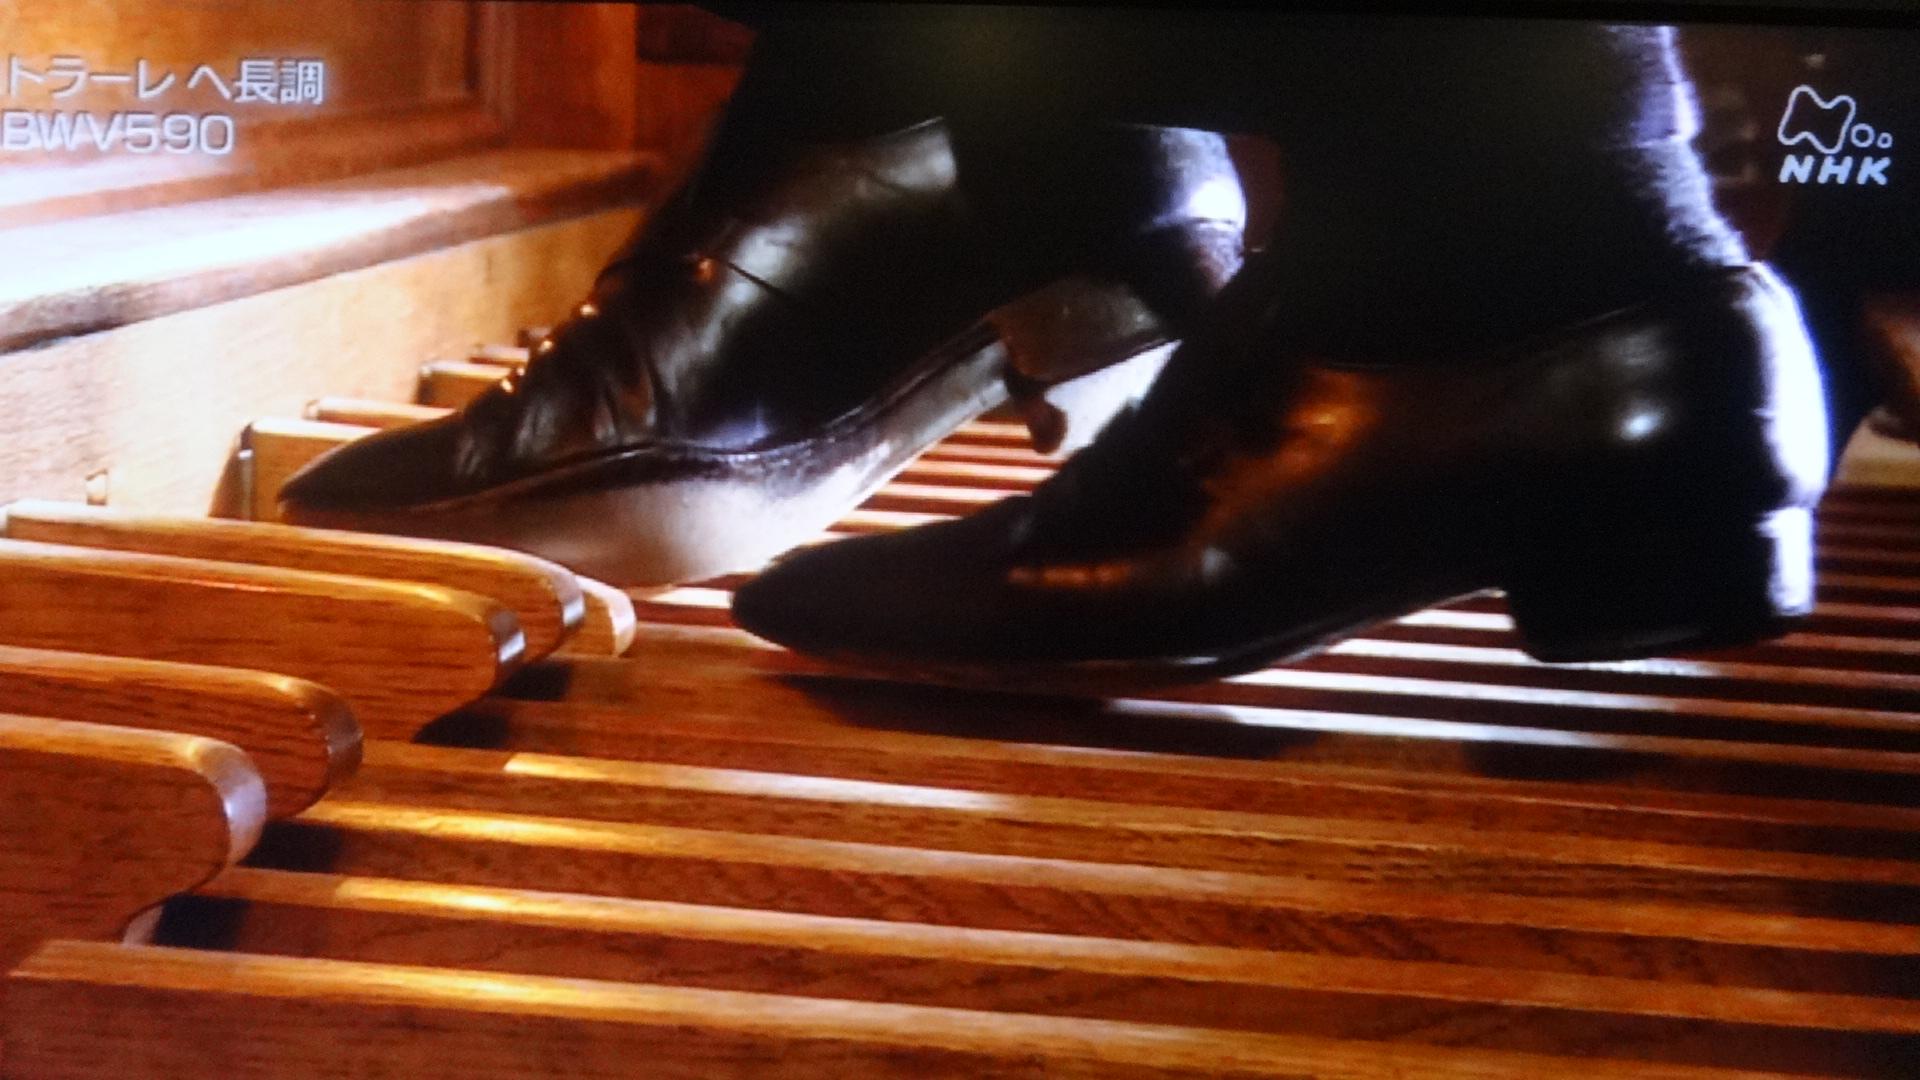 足鍵盤を操作する模様